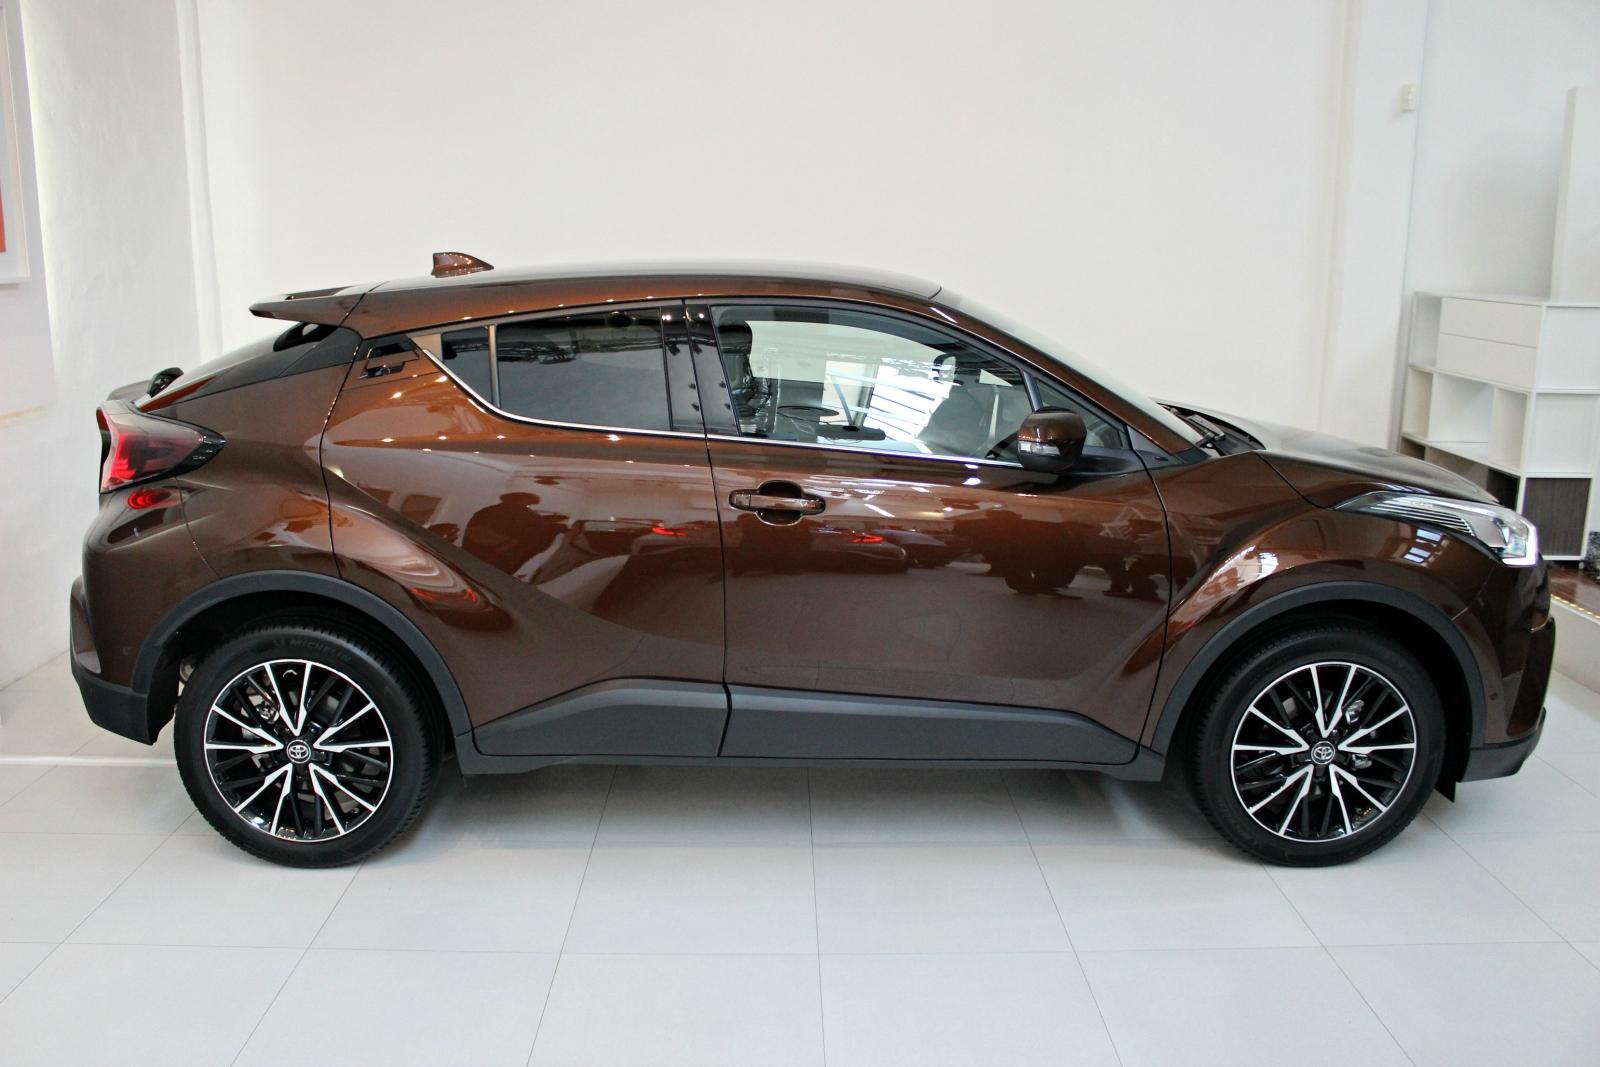 toyota chr hybride essai caradisiac car design today. Black Bedroom Furniture Sets. Home Design Ideas